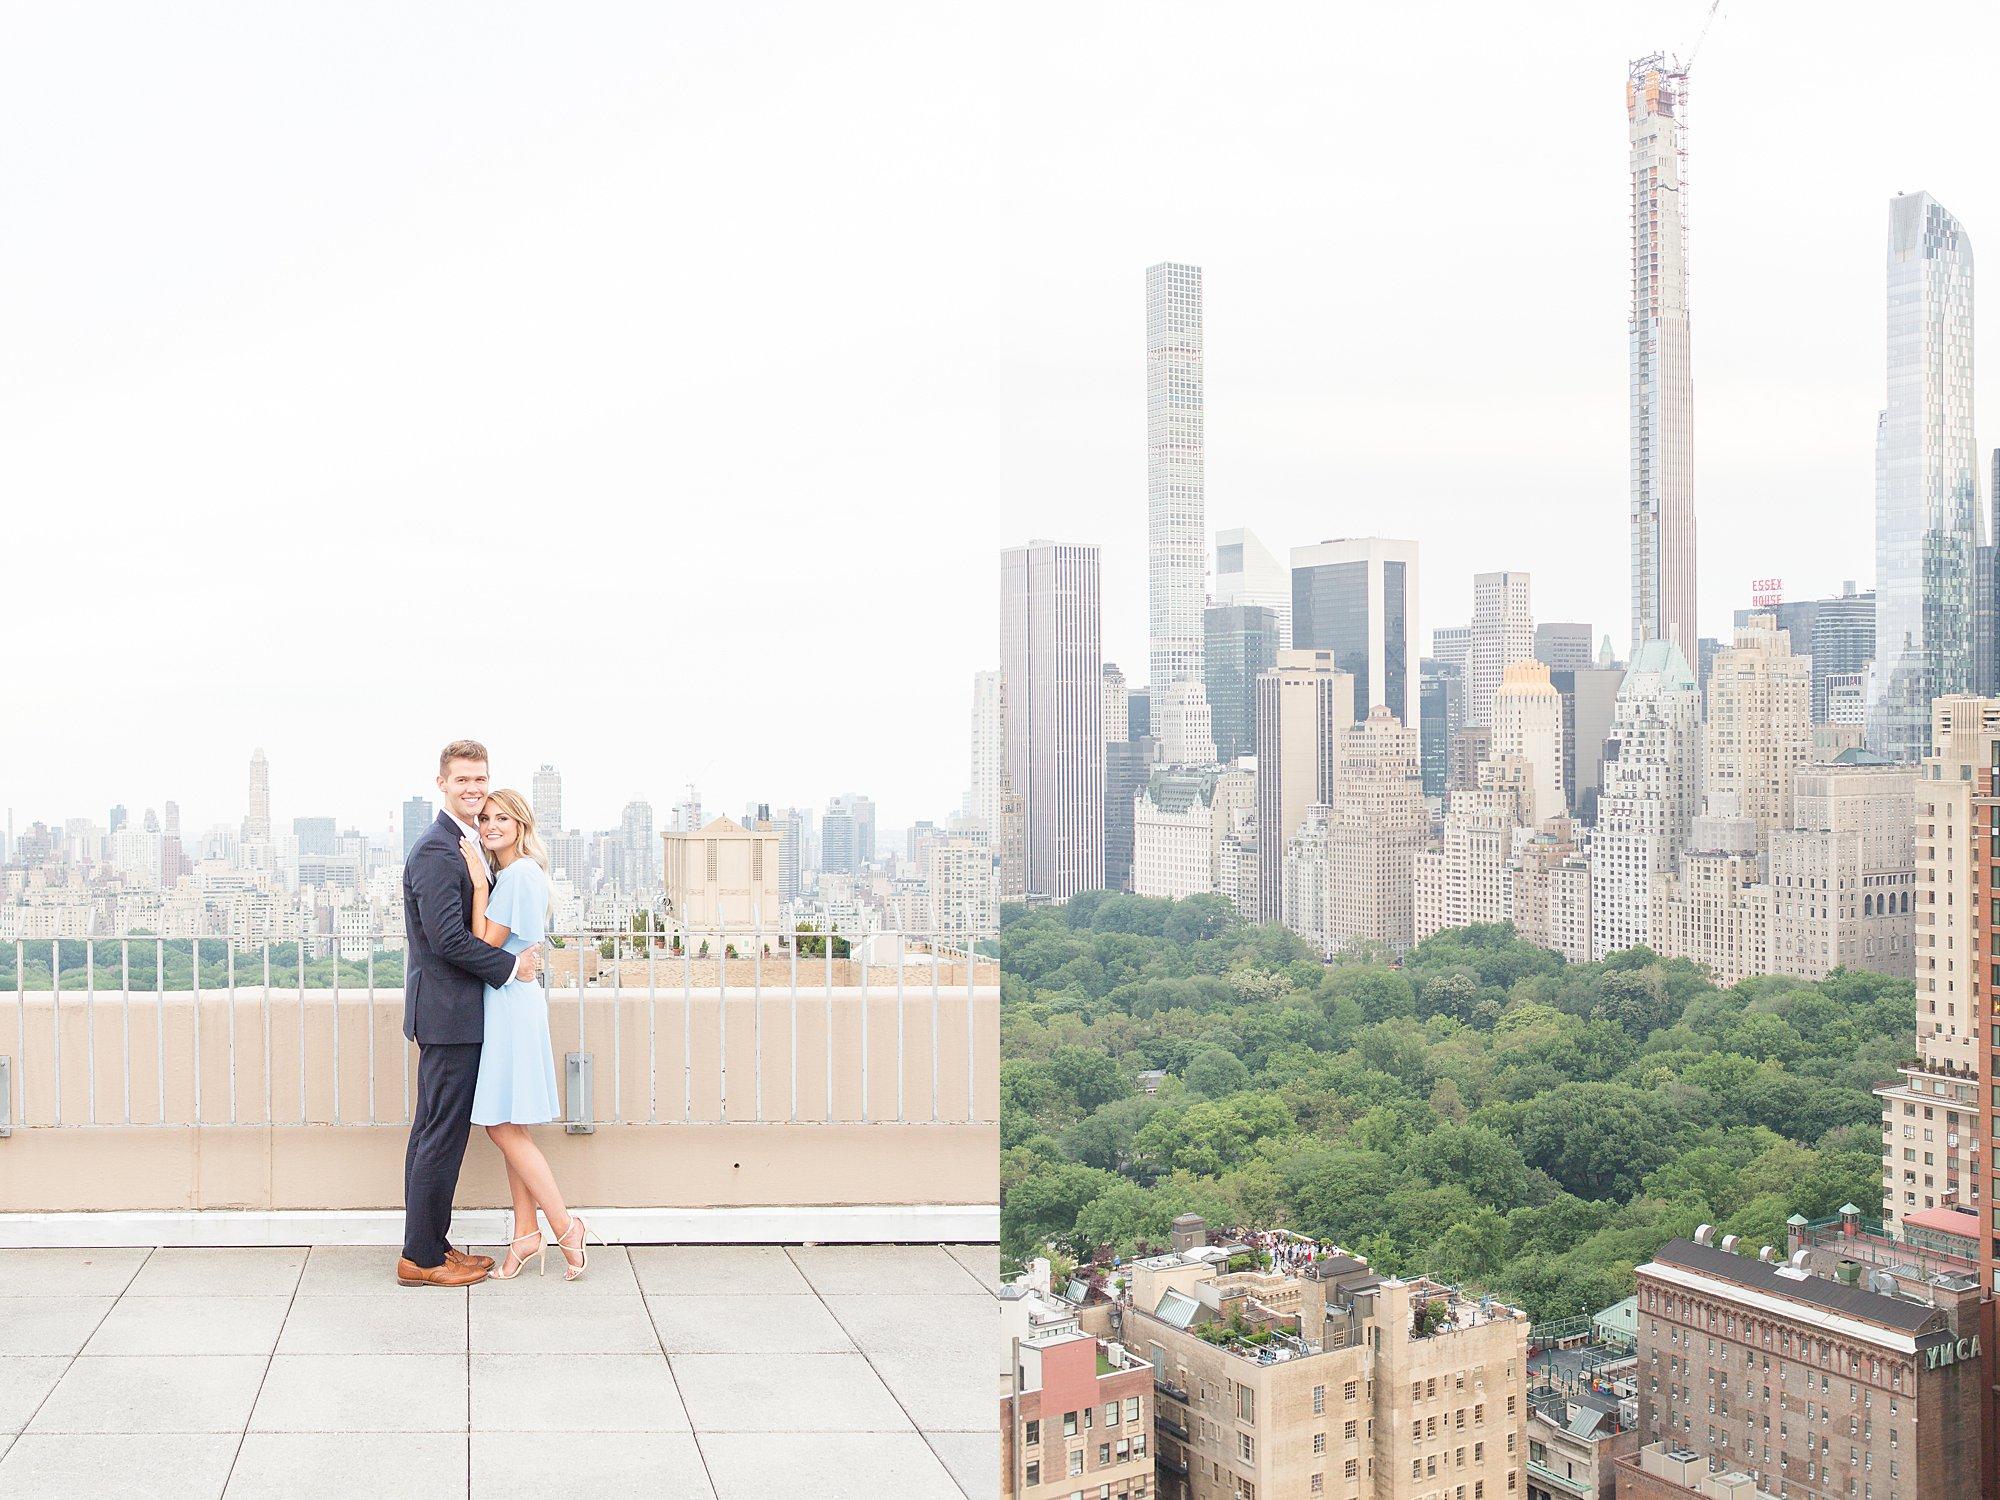 Central Park New York Engagement Session_0002.jpg